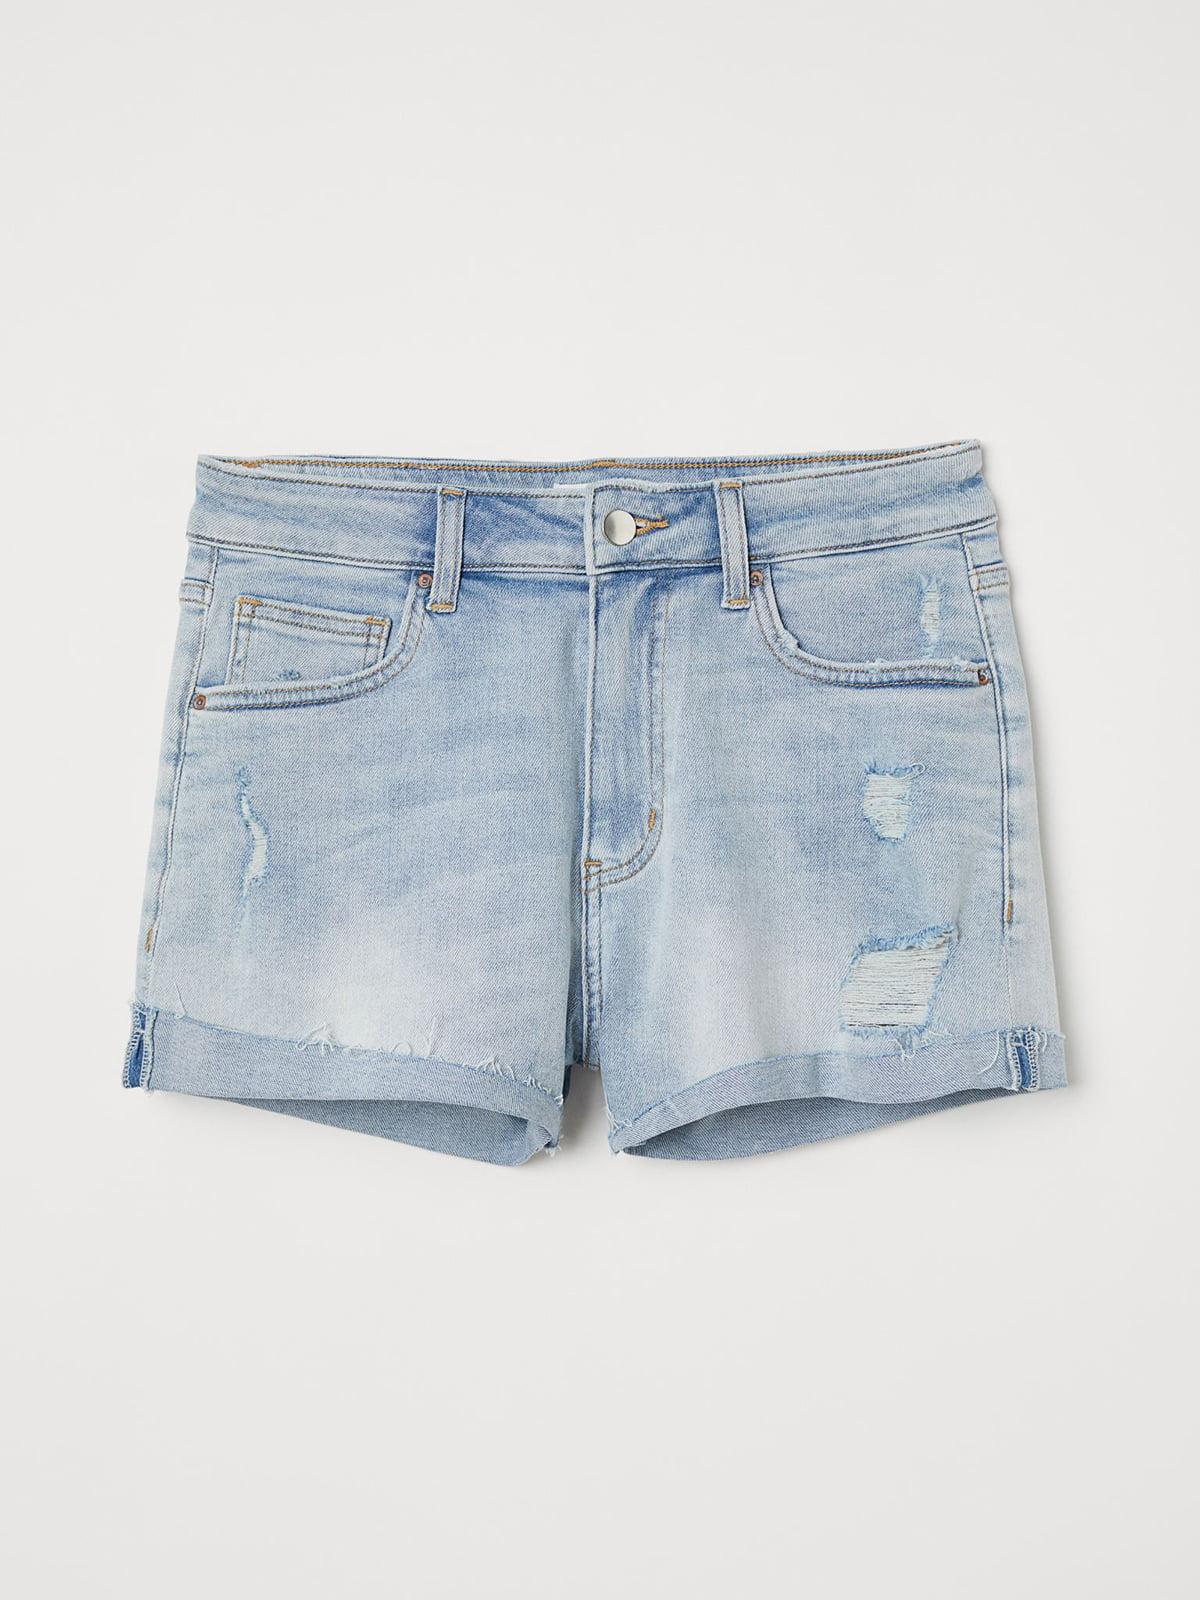 Шорты голубые джинсовые   5680608